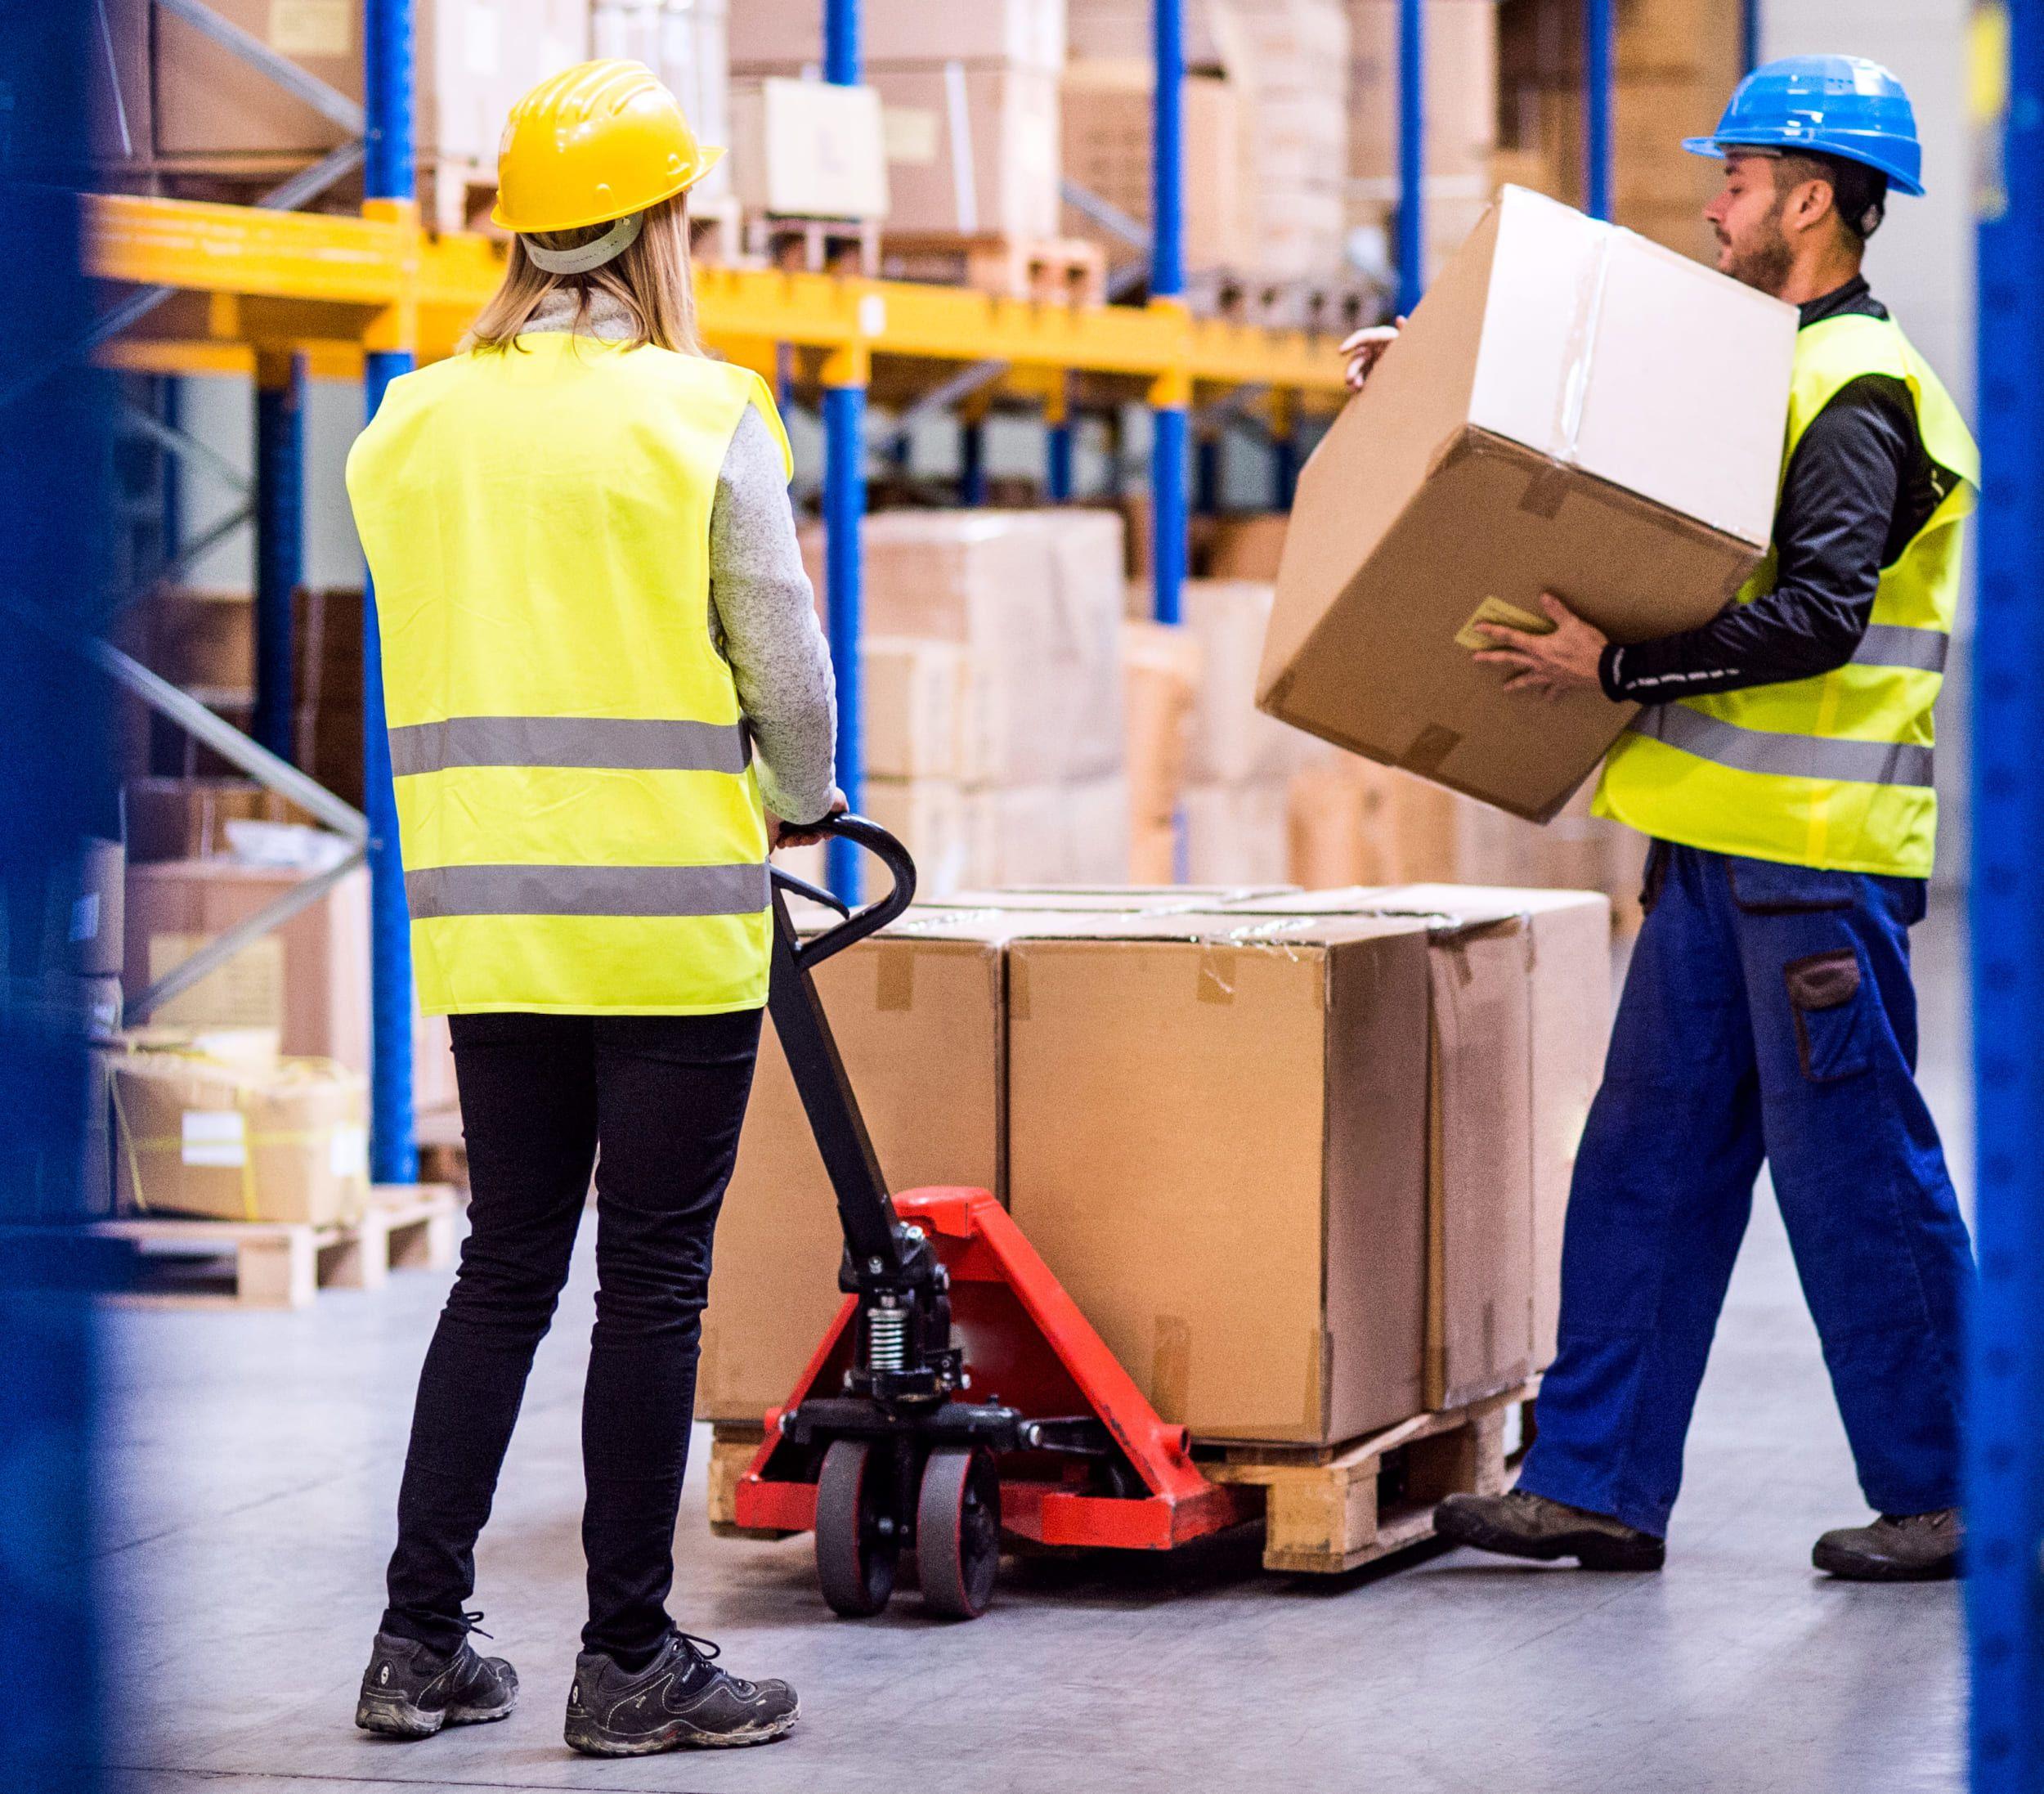 La importancia del uso de EPI y protección colectiva de calidad en la industria logística